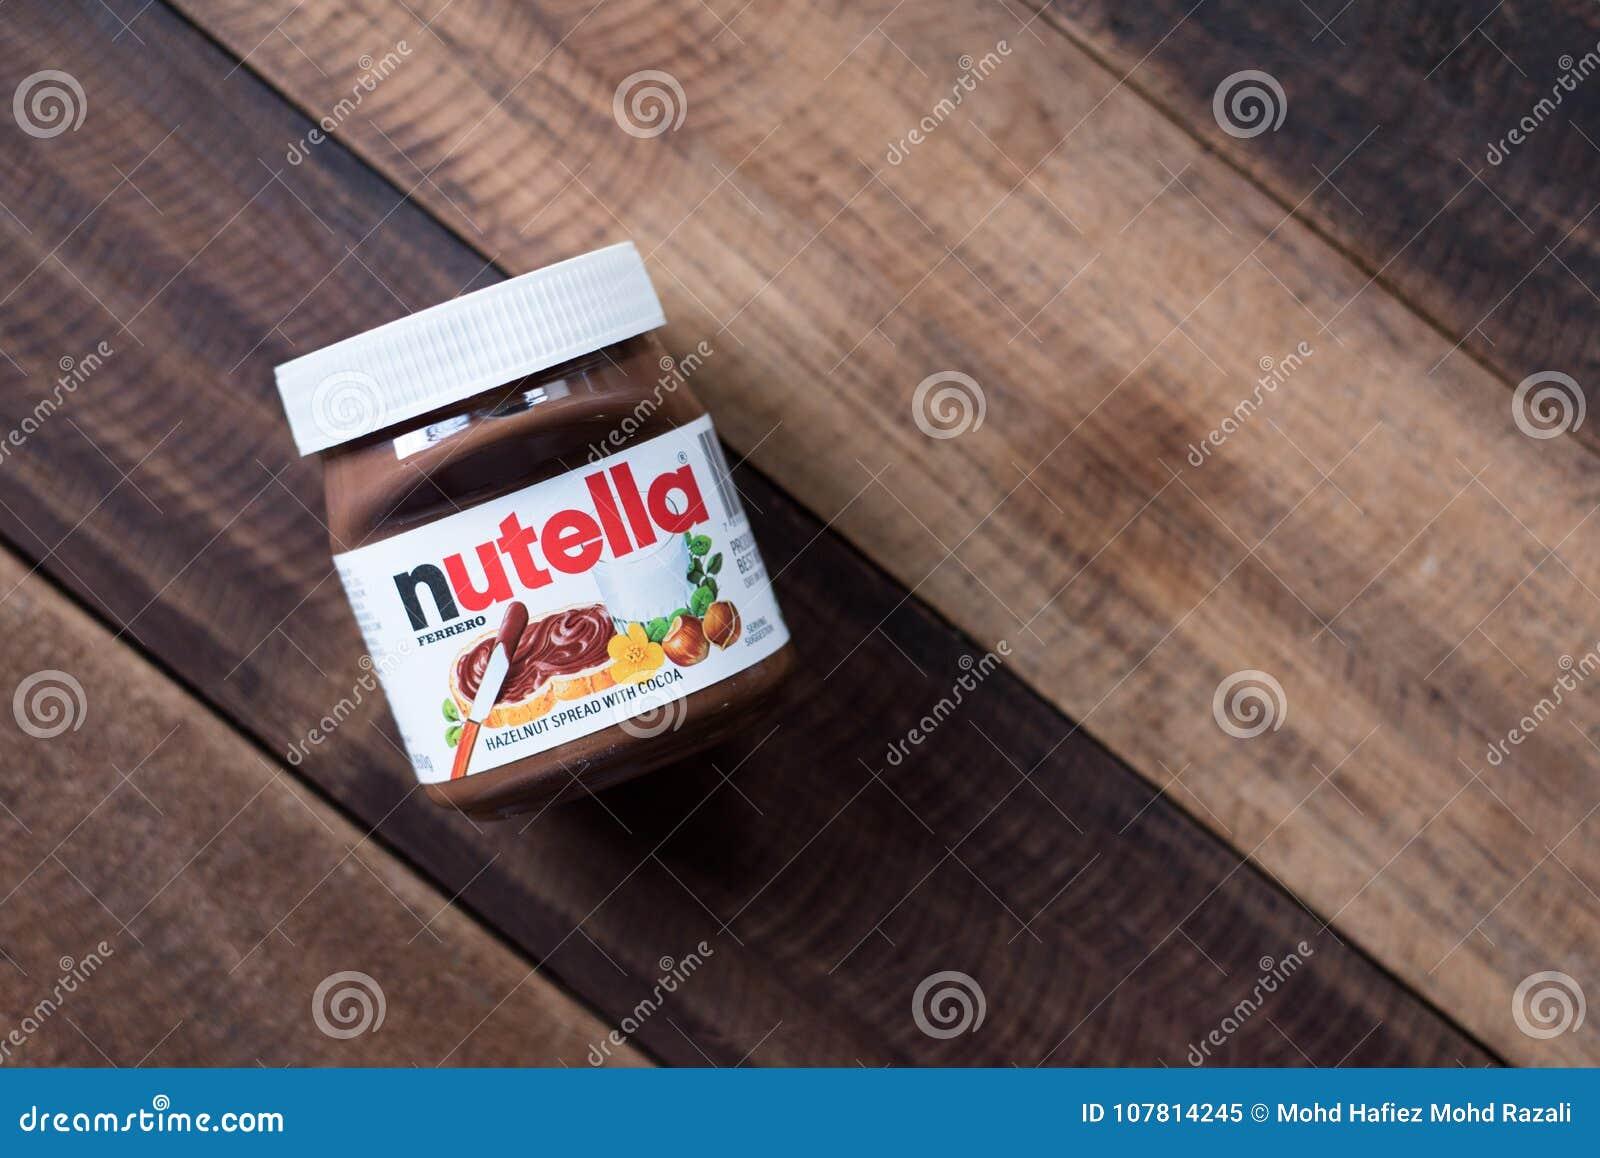 Nutella-Schokolade verbreitet auf Holztisch